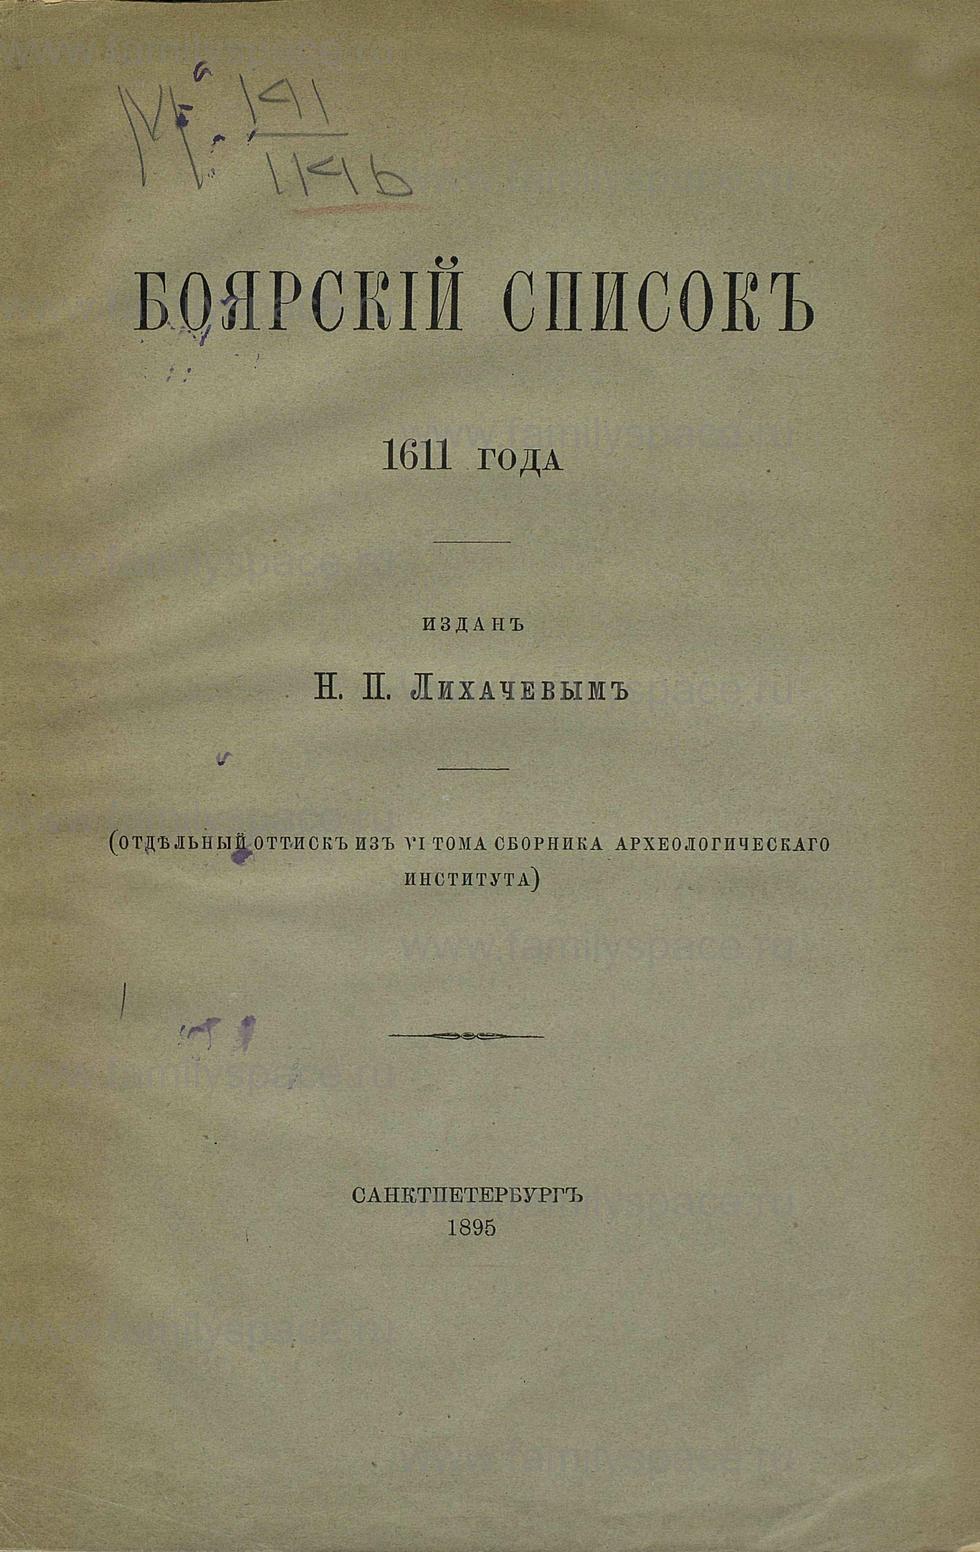 Поиск по фамилии - Боярский список 1611 года, страница 1